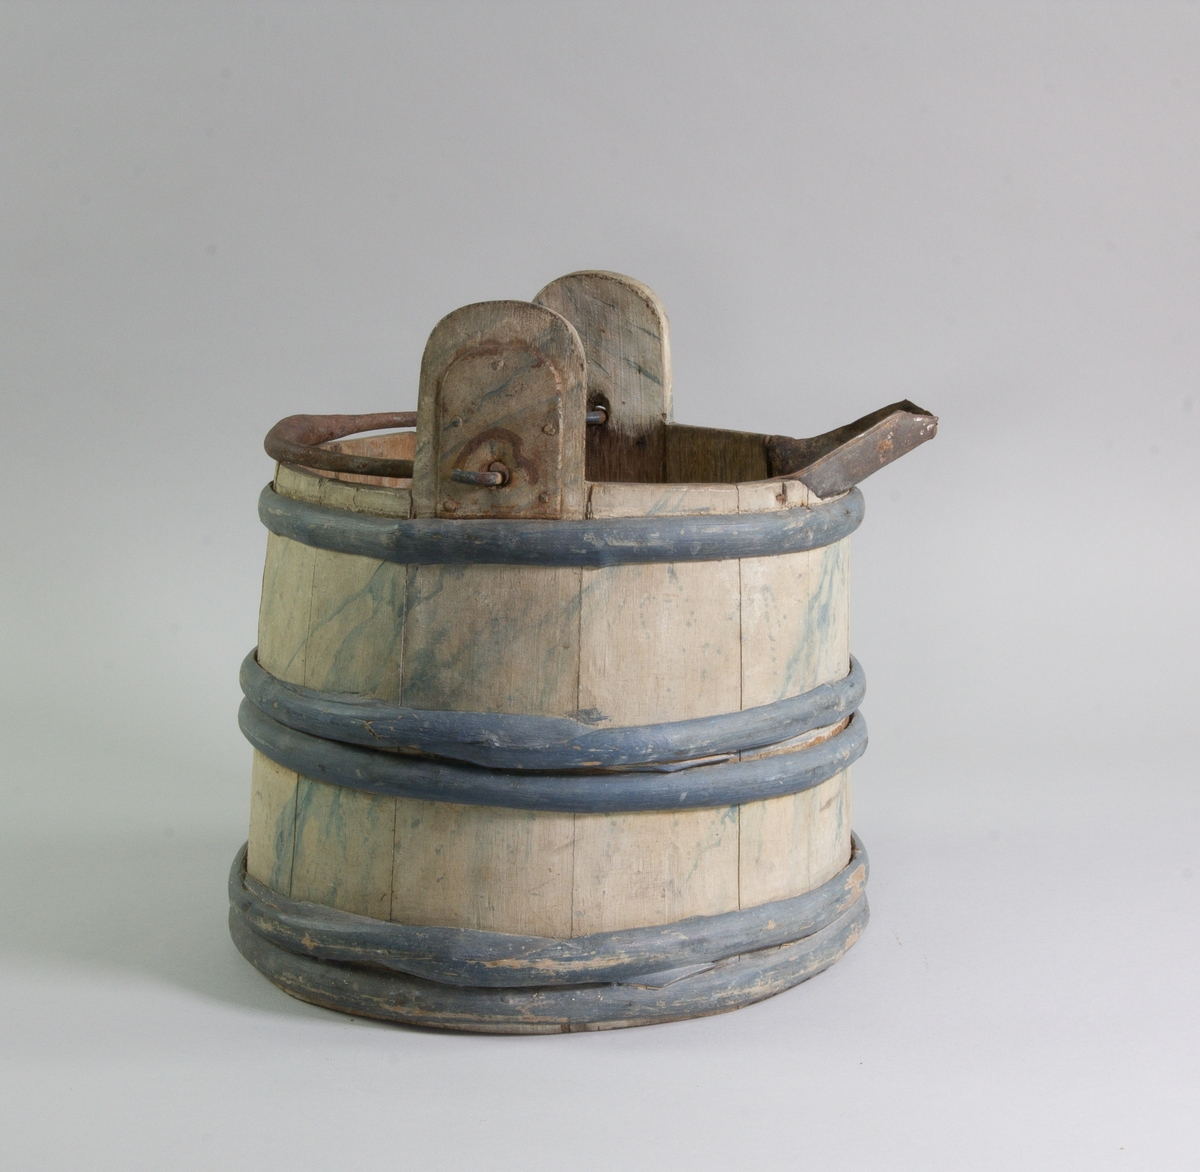 Laggkärl av trä med tre sammanhållande band av vidjor av en. Två av laggarna övergår i uppstående, järnskodda fästen för bärhandtag av järn. Påspikad uthällningspip av järnbleck. Bleknad blå marmorerad dekor, vidjorna blåmålade.